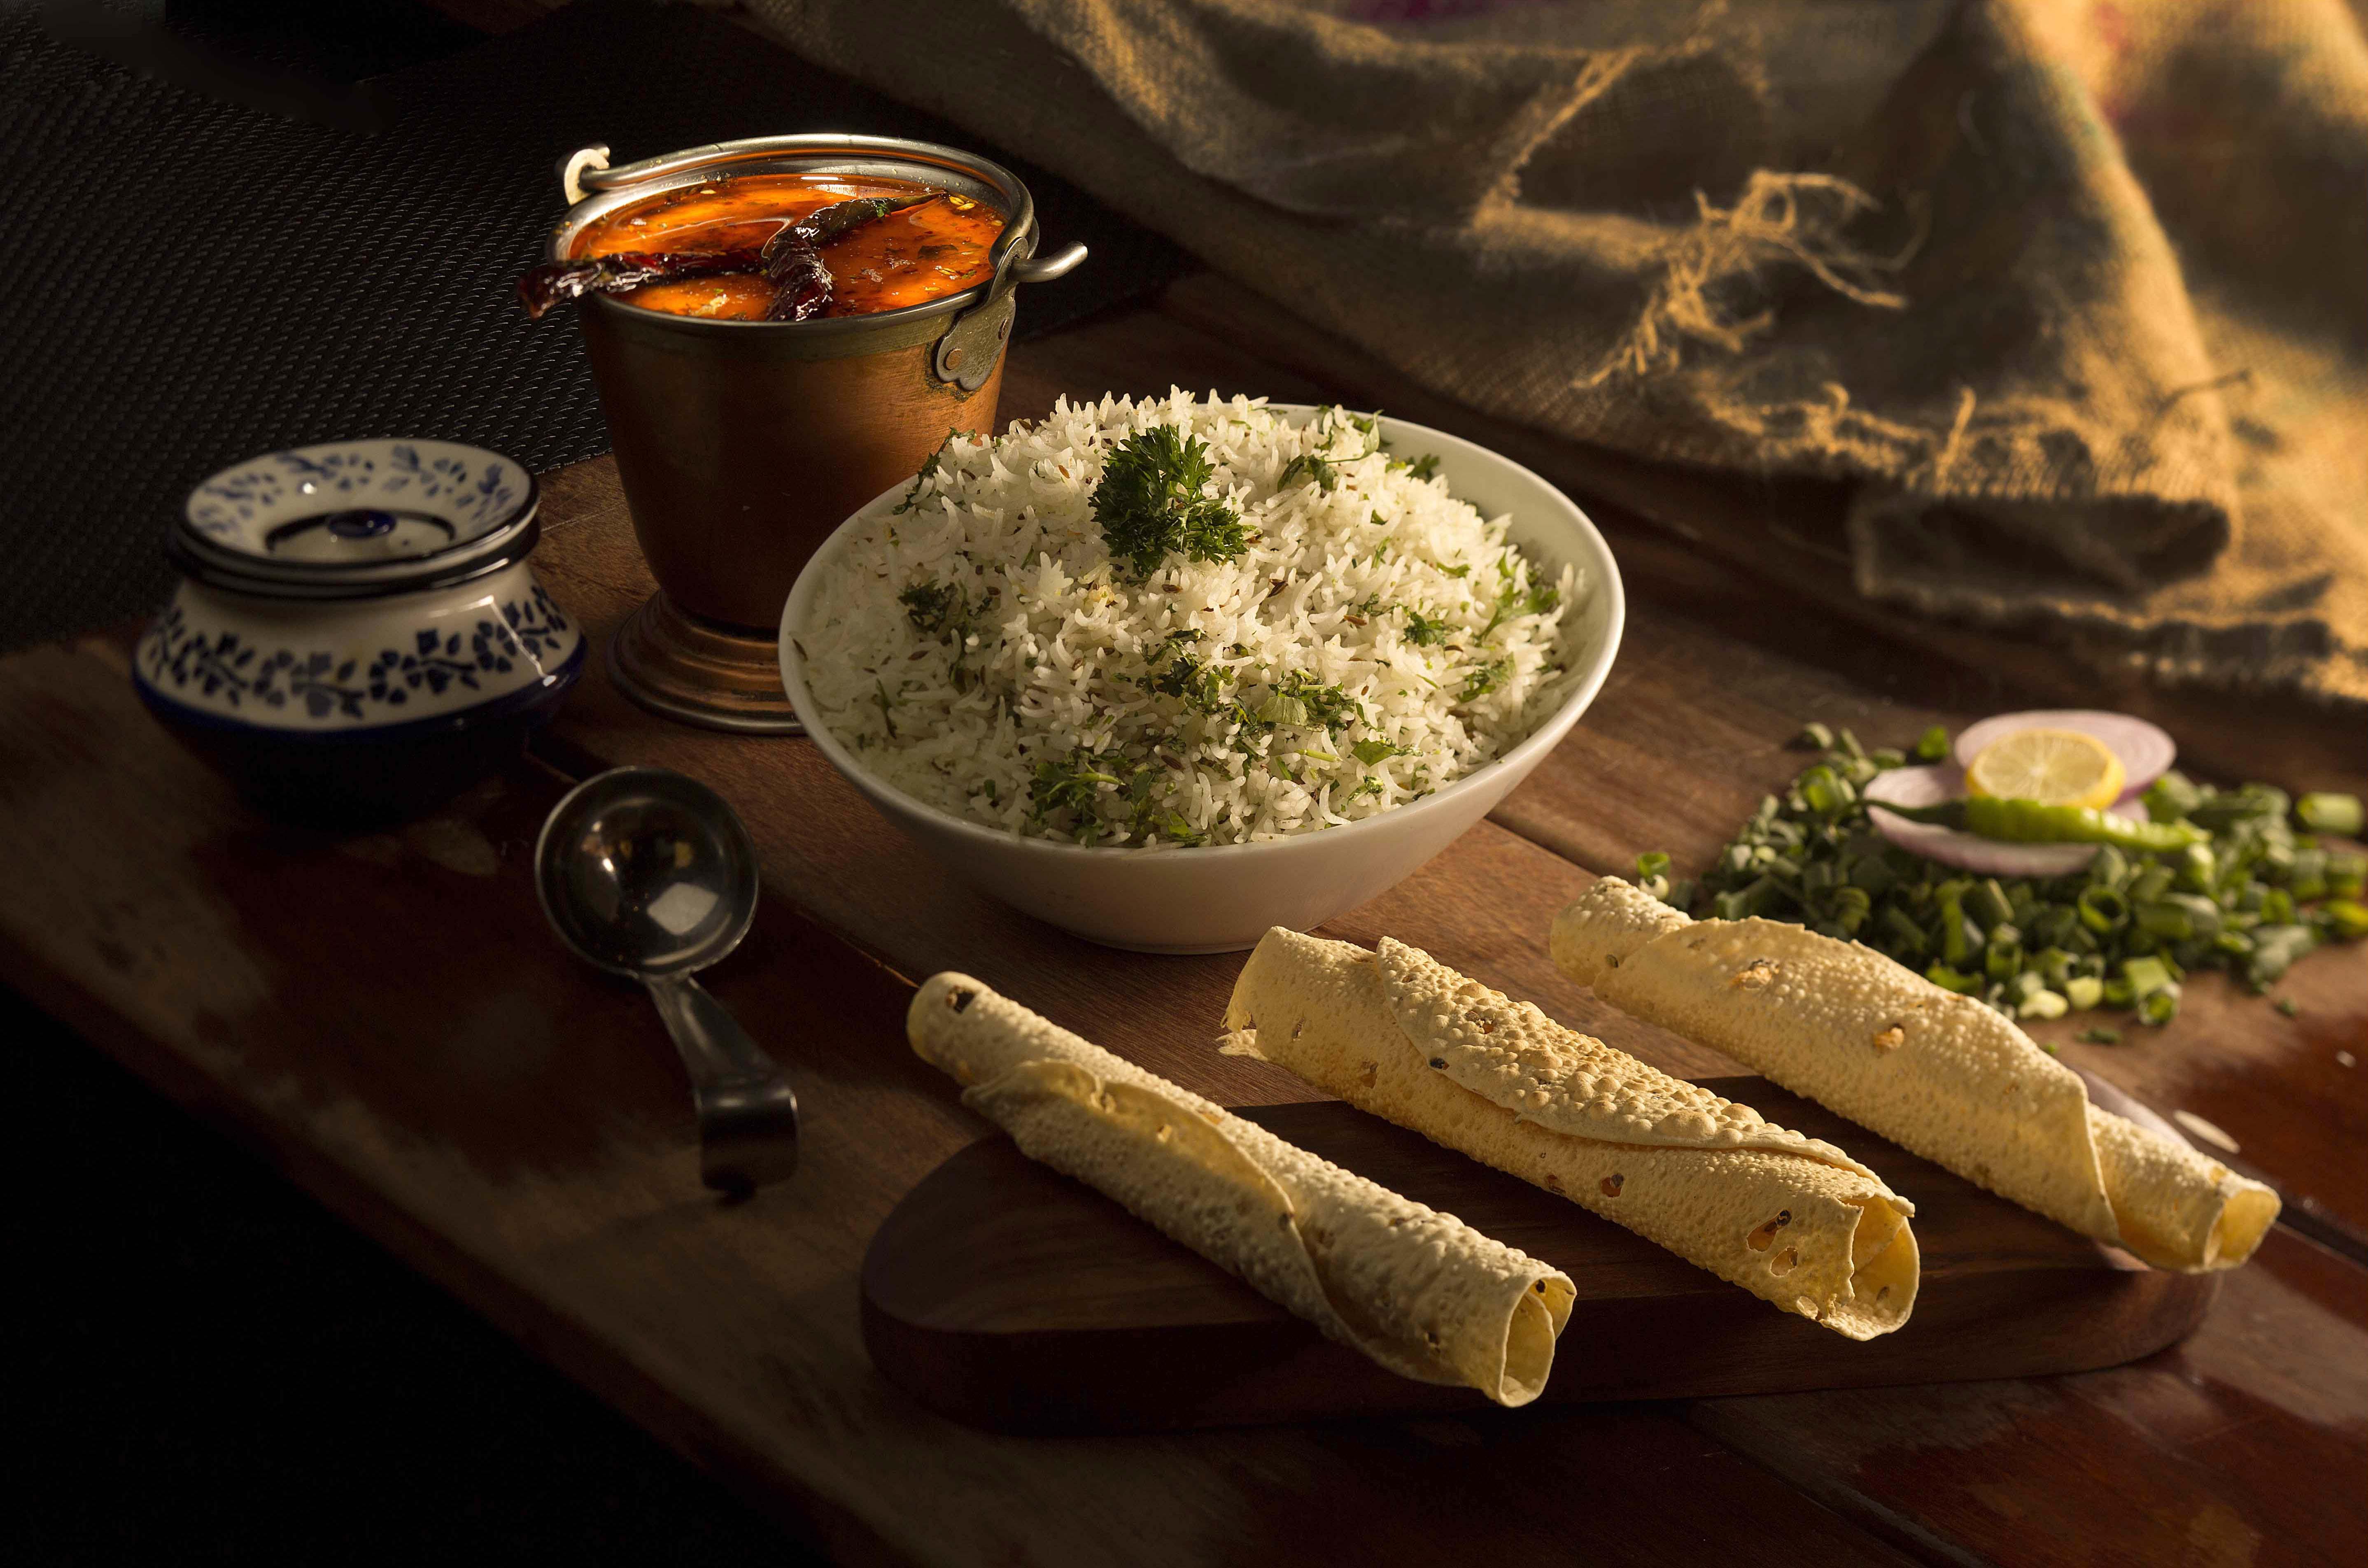 dal tadaka rice